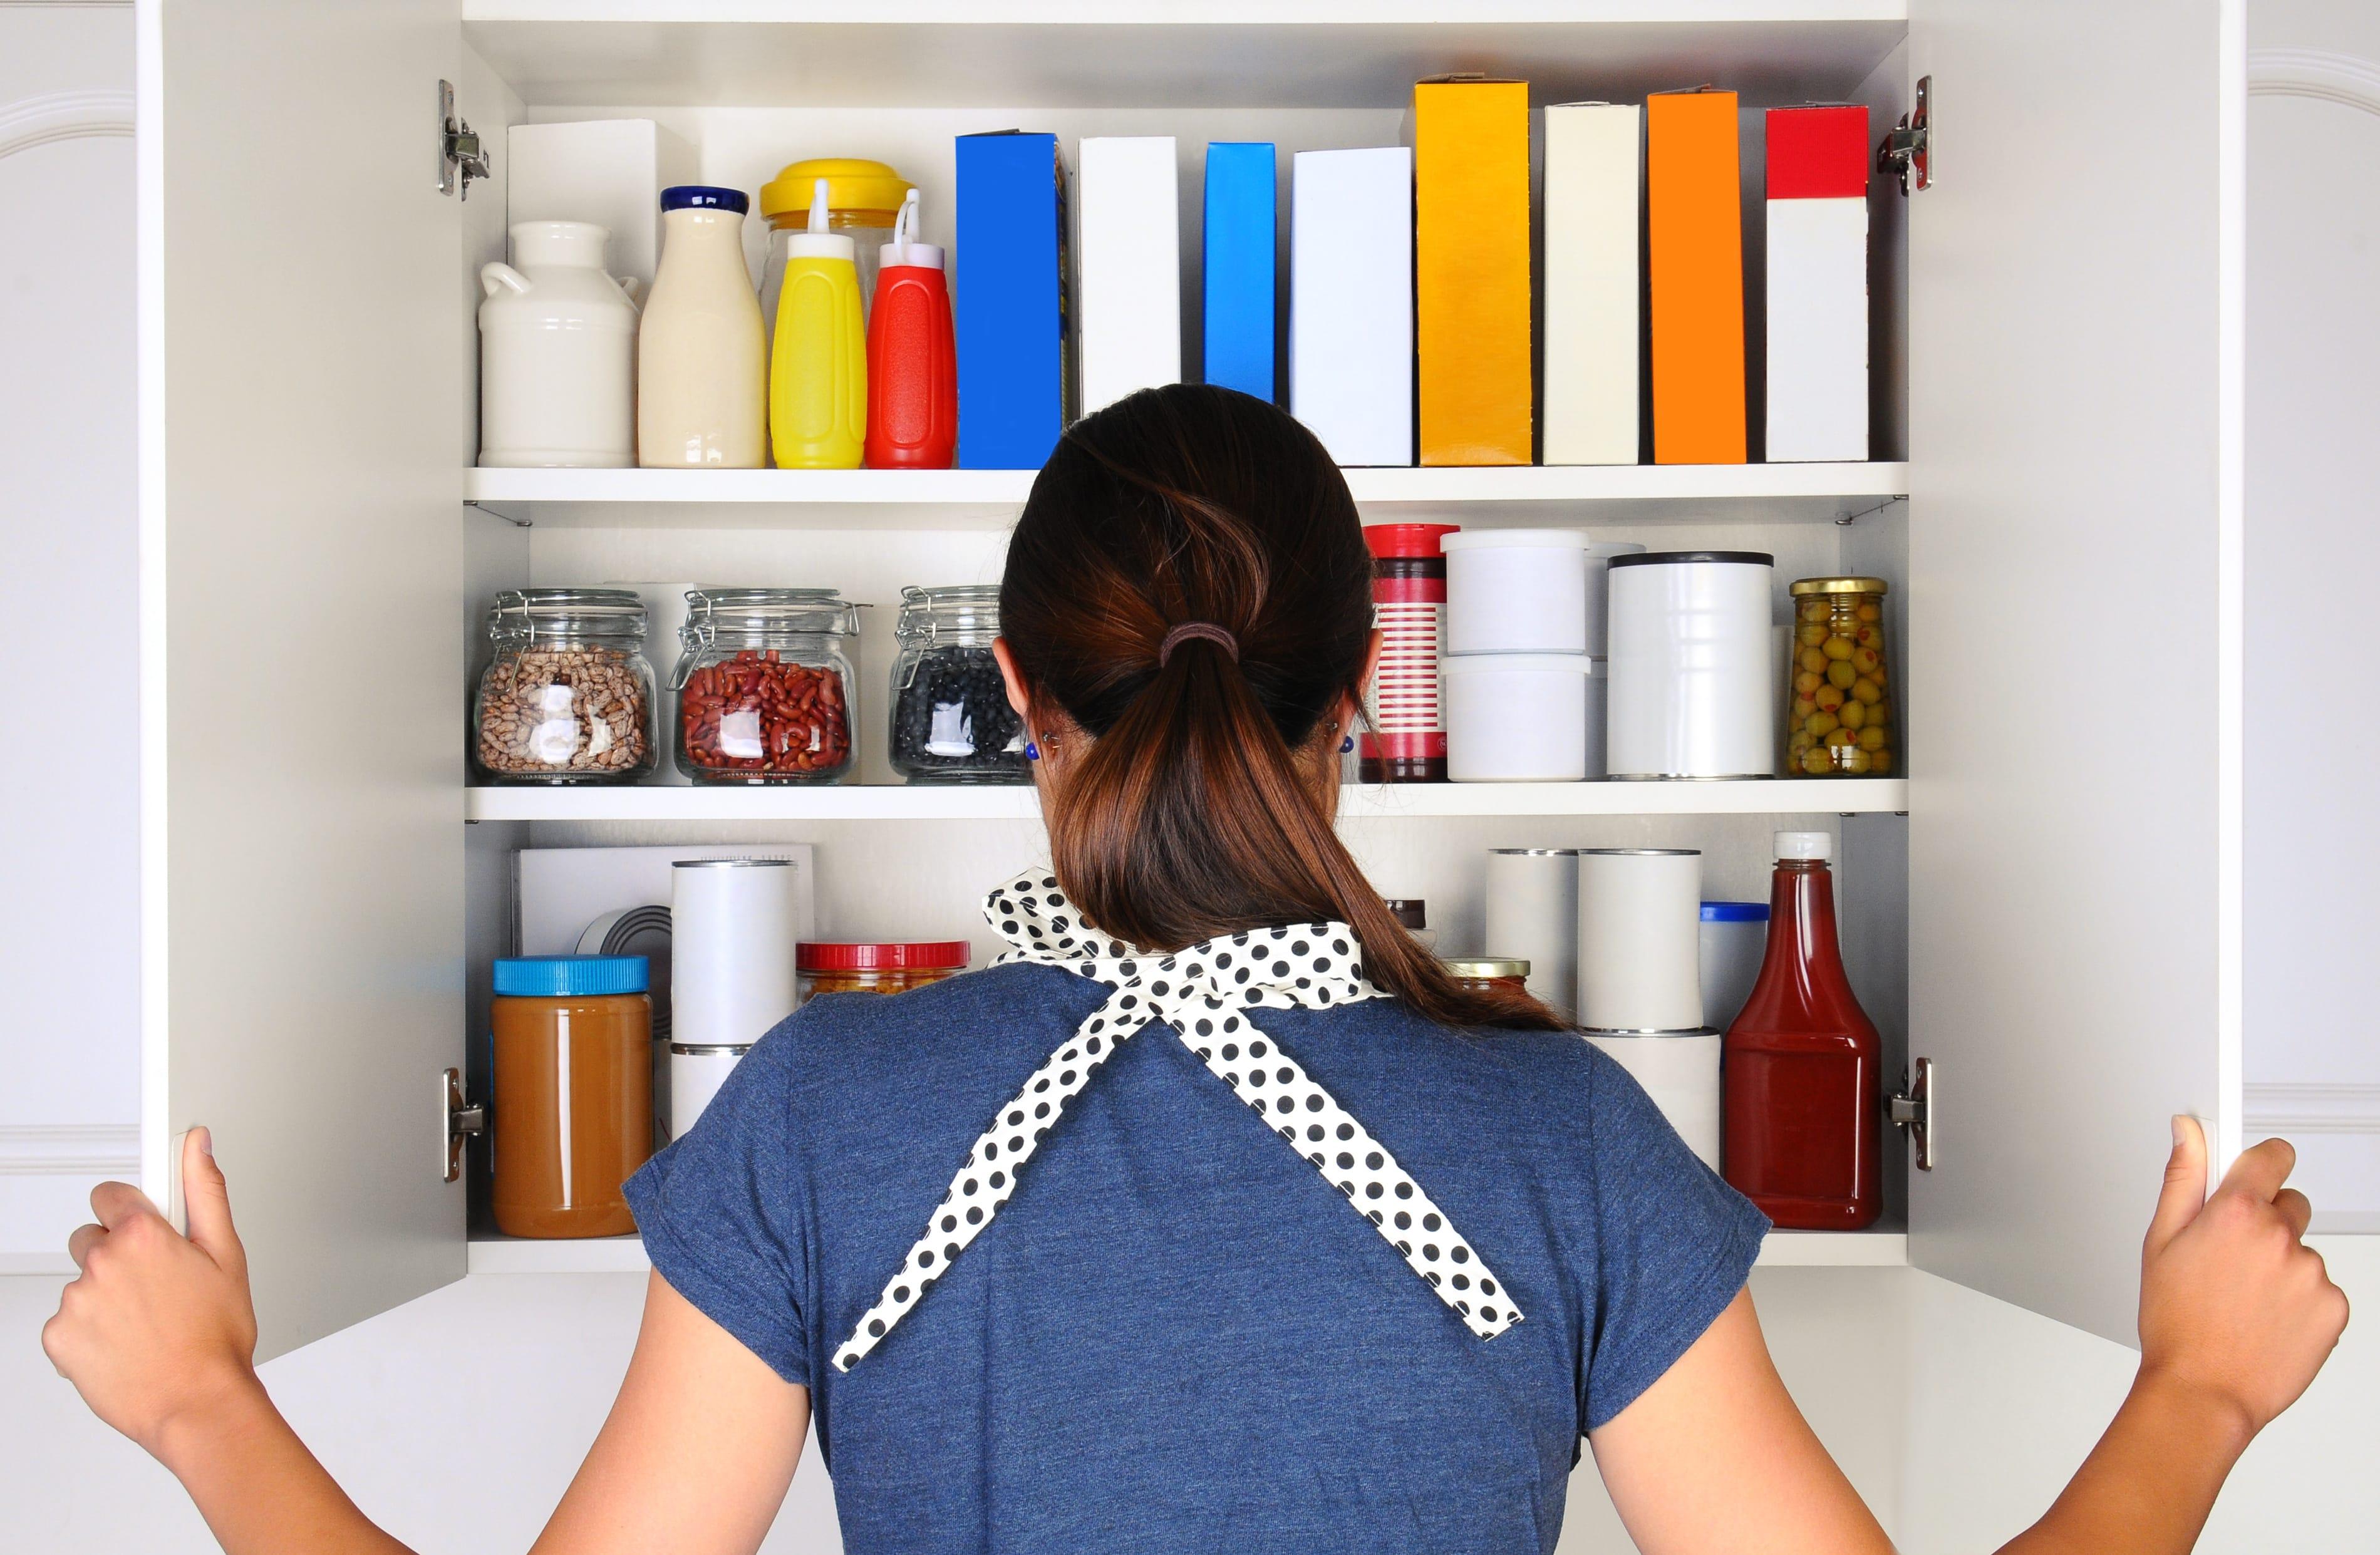 Bosch Kühlschrank Abstand Zur Wand : Bosch kühlschrank in ikea küche rauchmelder in küche ikea